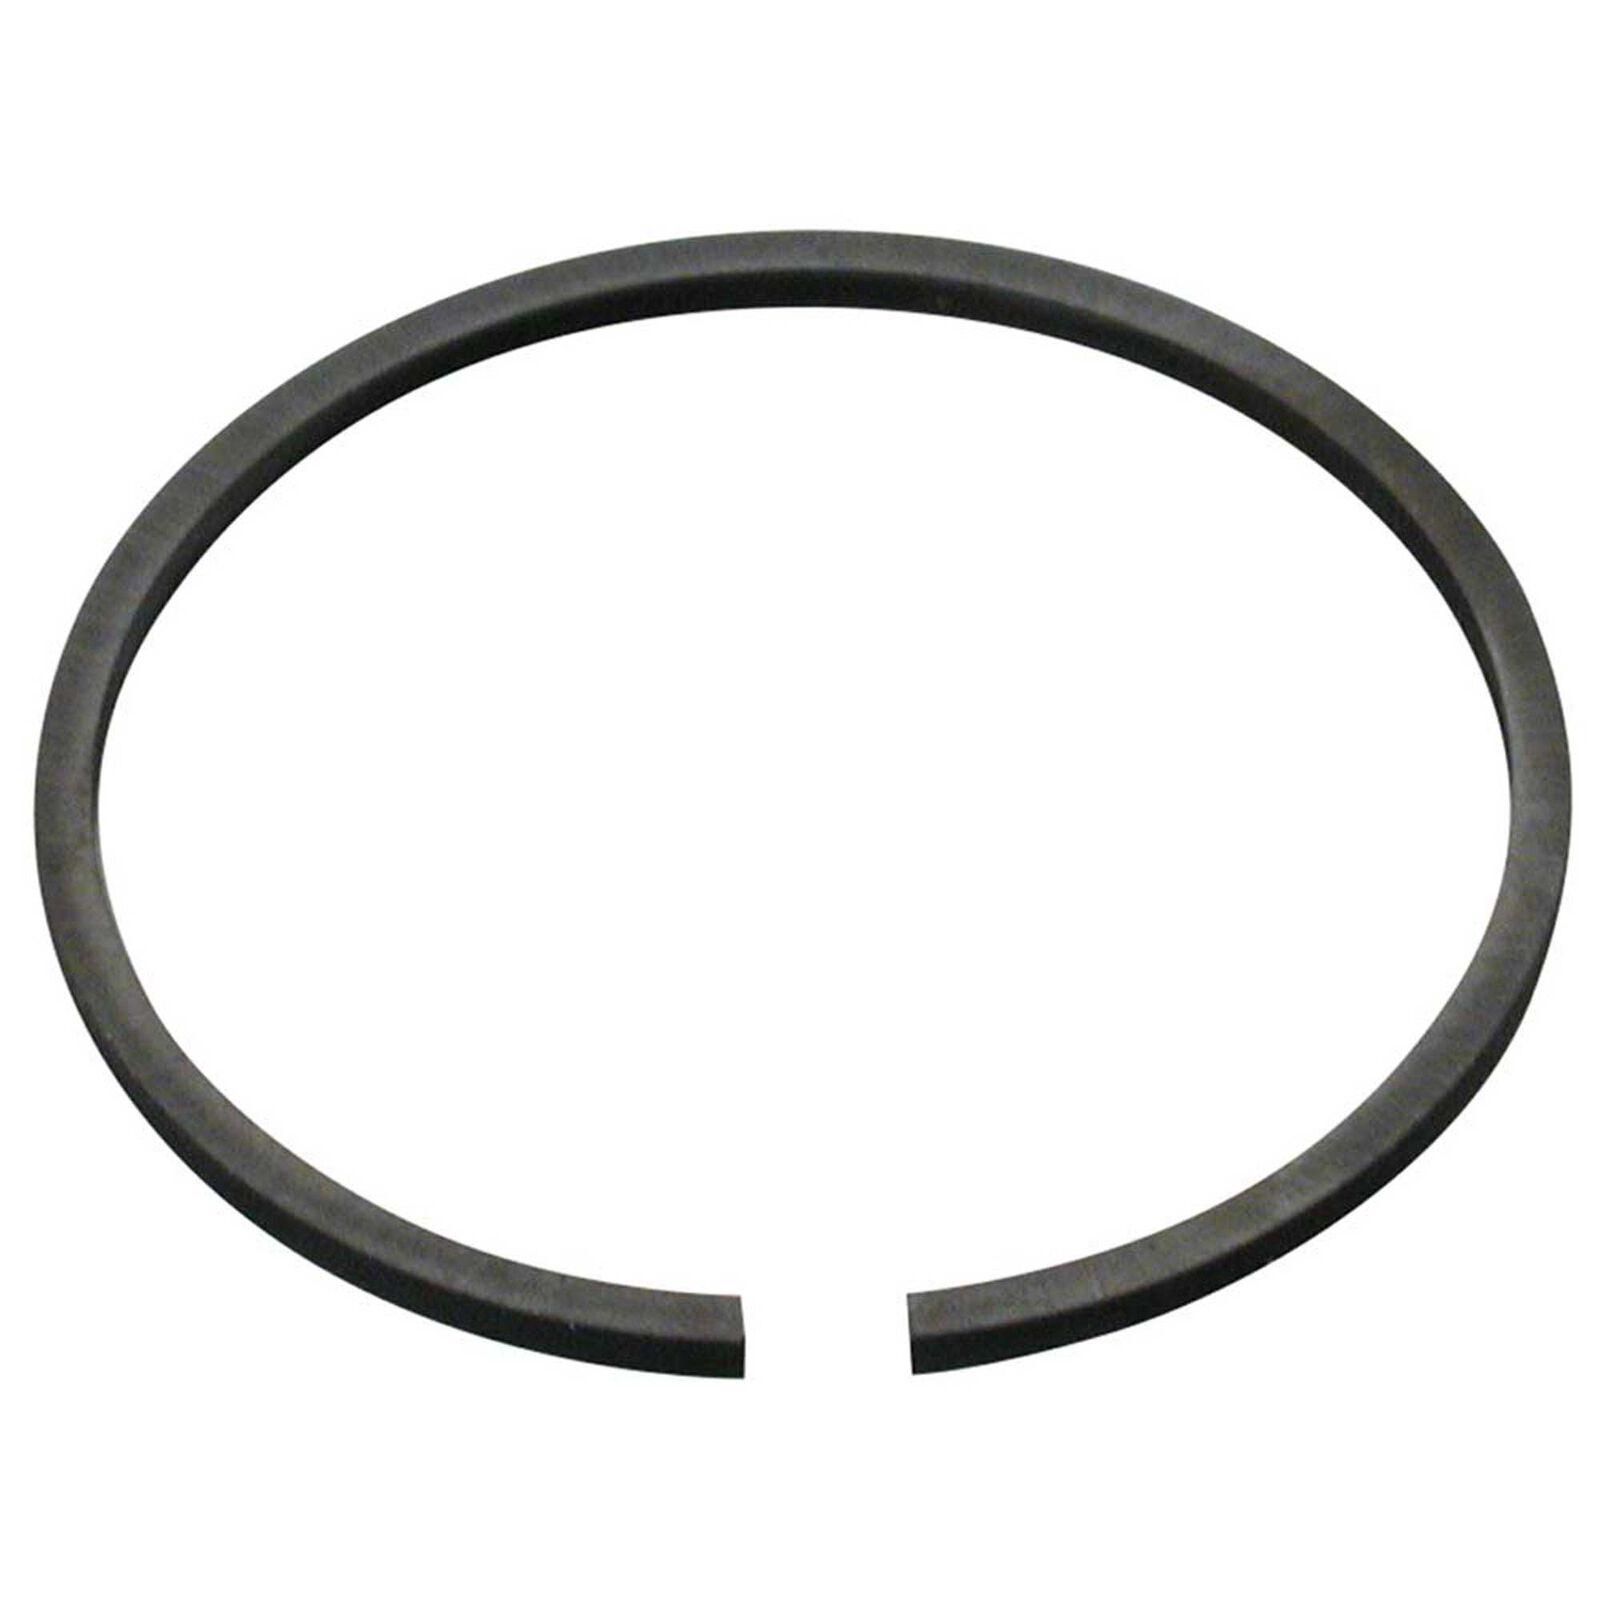 Piston Ring: FS-91 FT-160